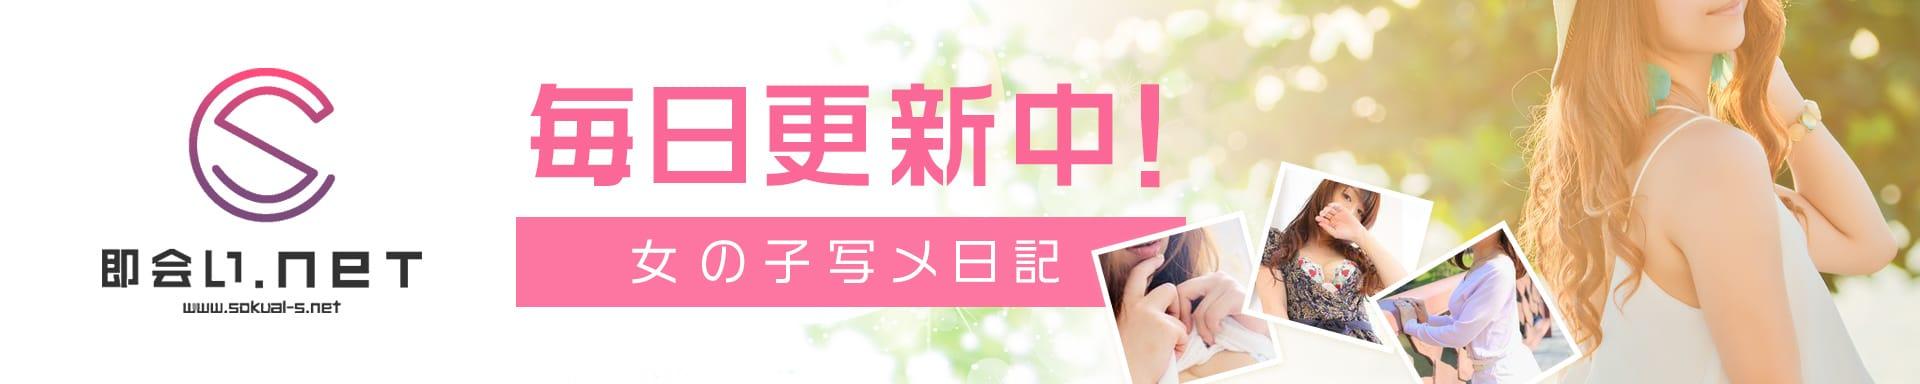 即会い.net 奥様 旭川 その3